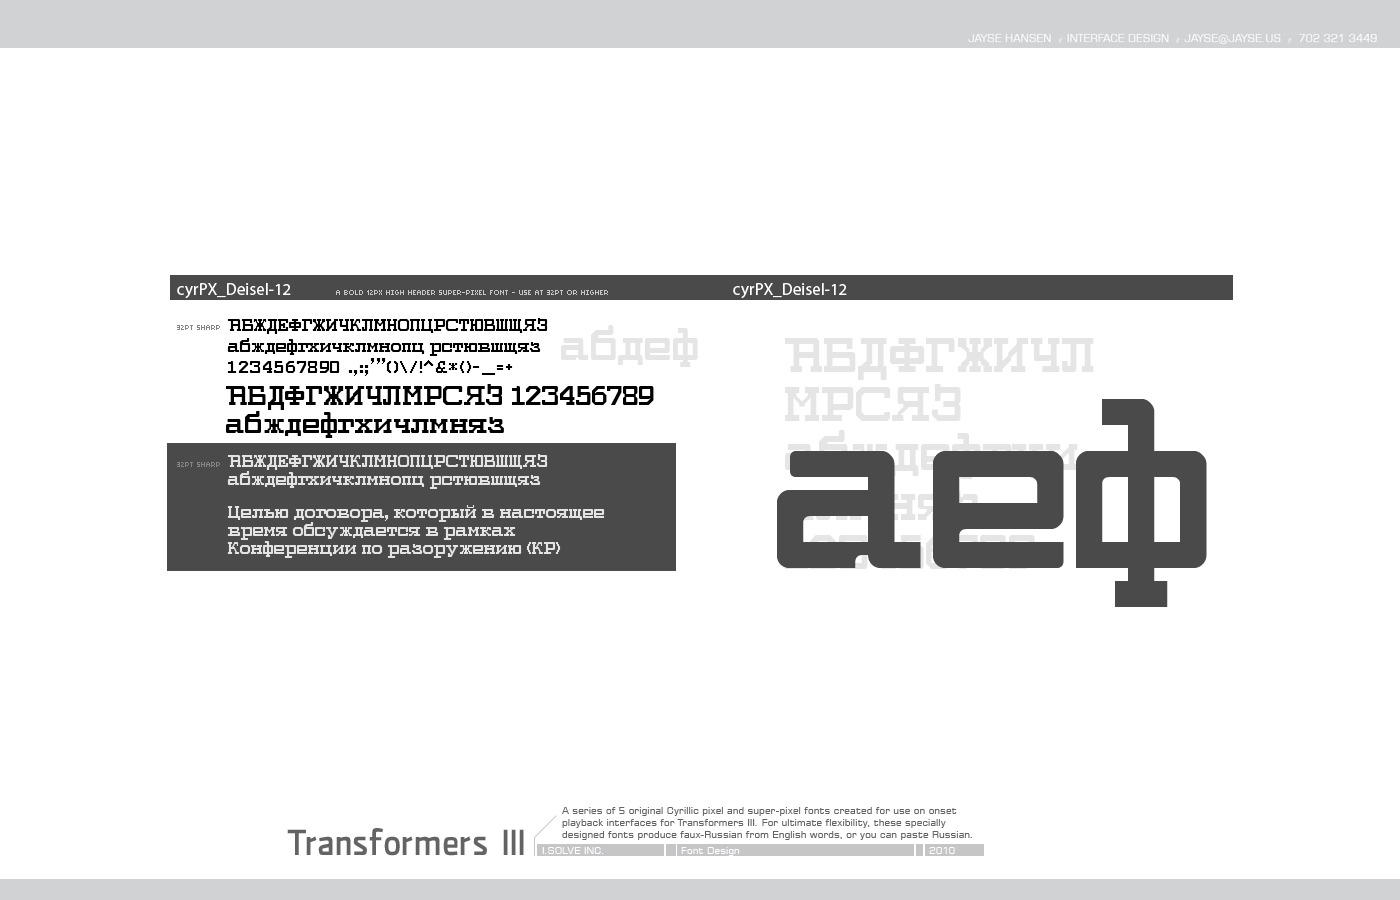 Trans_3_Cyrillic_Pixel_fonts_02-Jayse_Hansen_1400